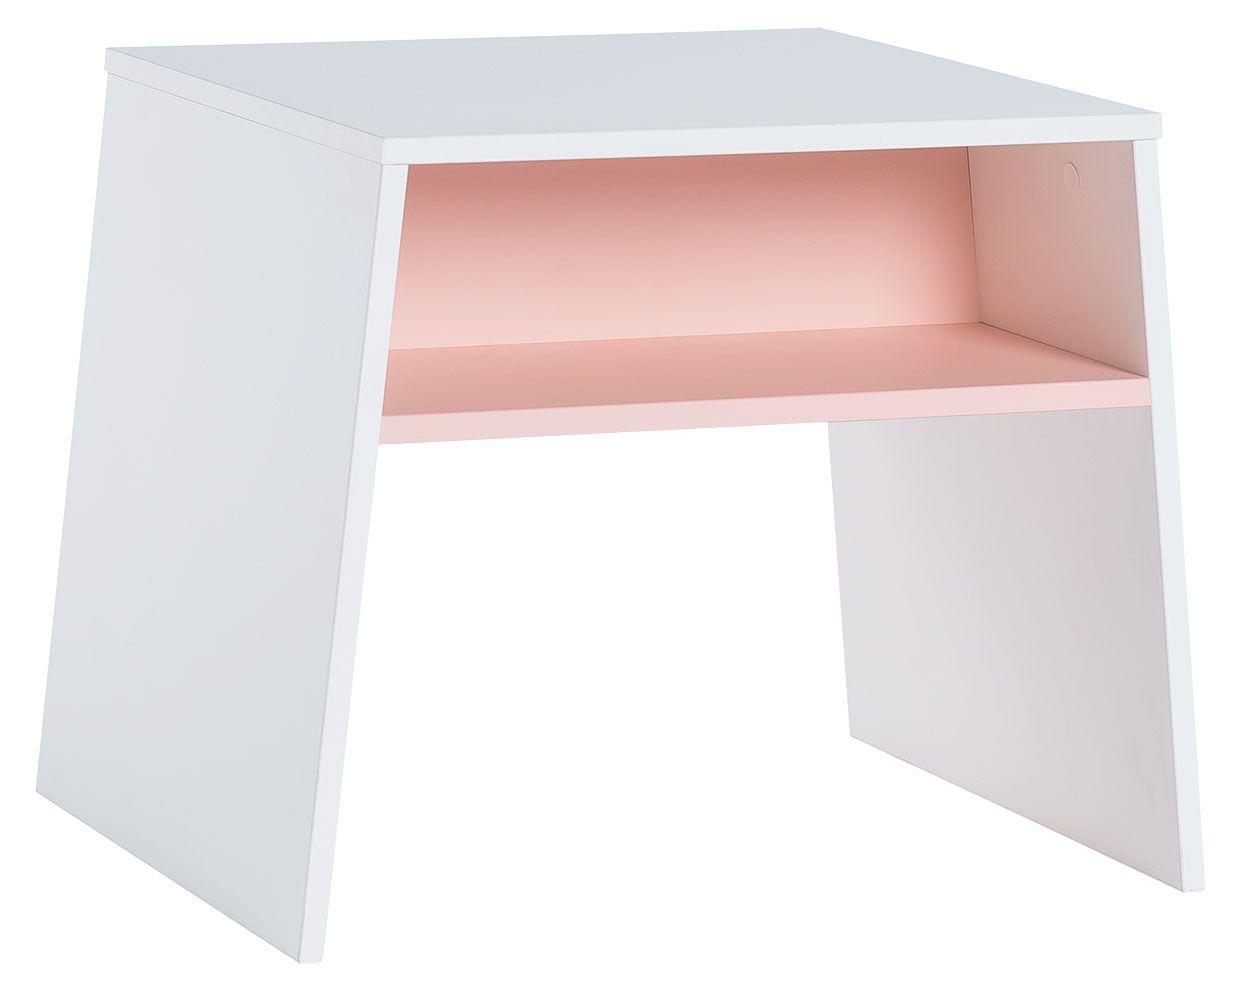 Kindertisch Irlin 02, Farbe: Weiß / Rosa - Abmessungen: 49 x 60 x 50 cm (H x B x T)